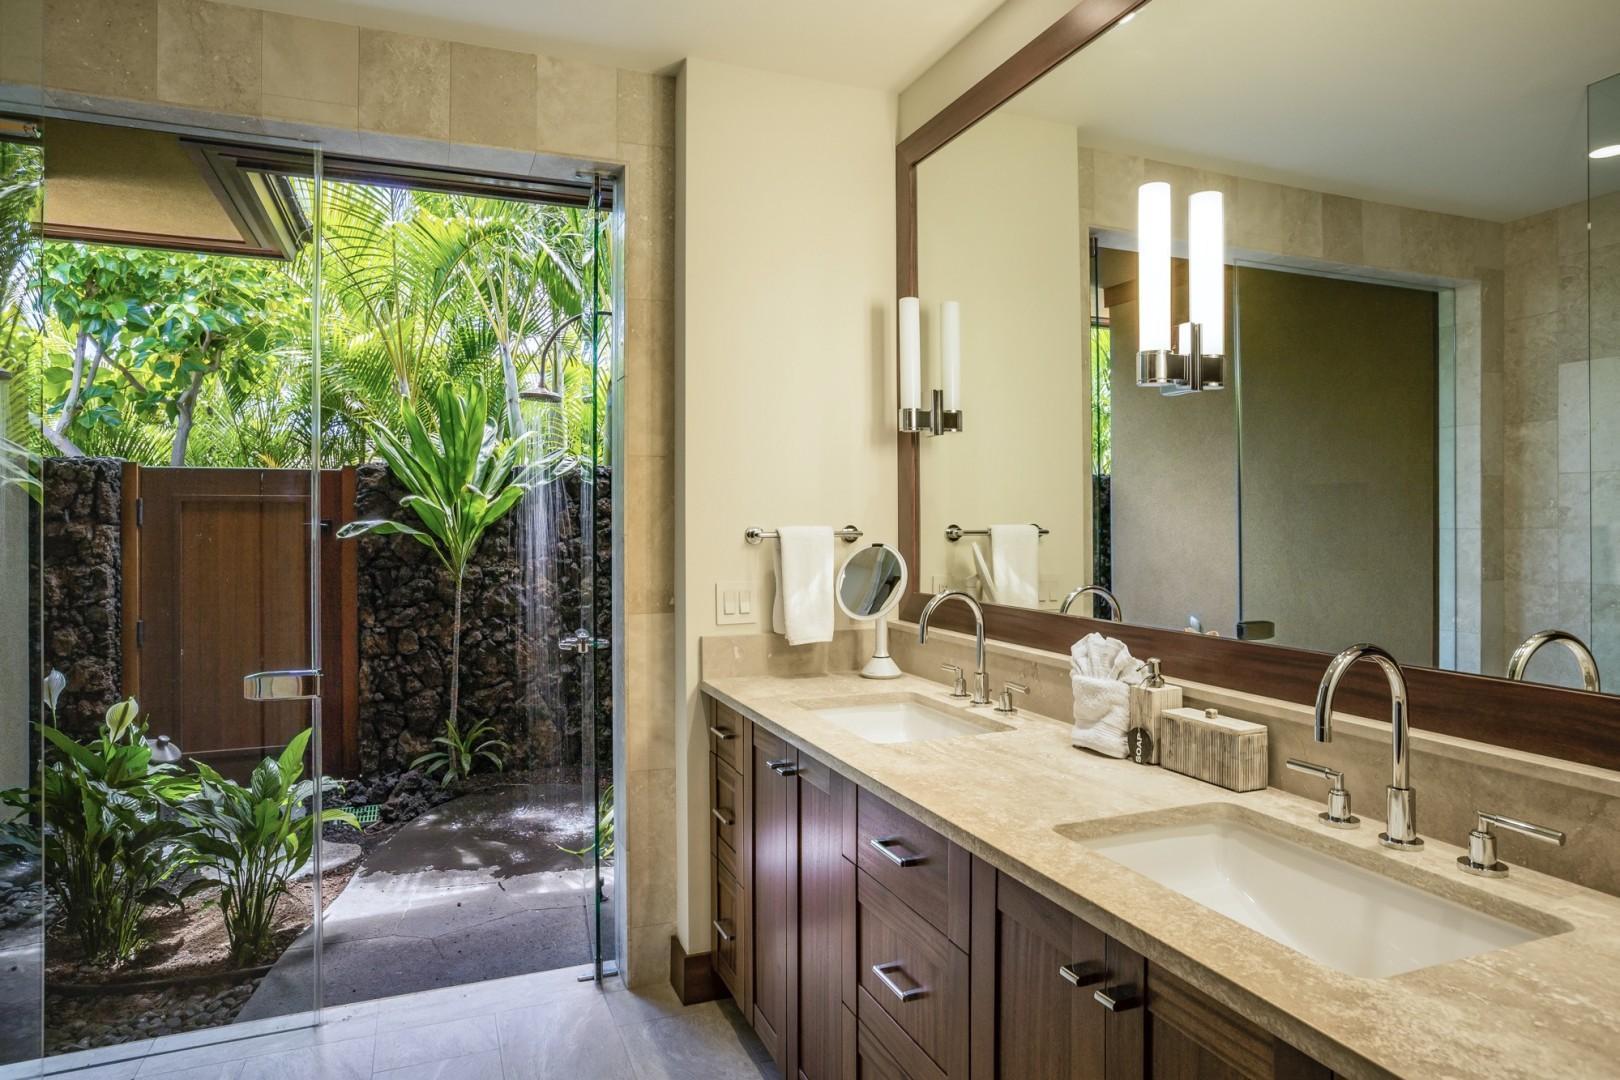 Guest bedroom two en-suite bath with dual vanities, walk-in shower and outdoor shower garden.